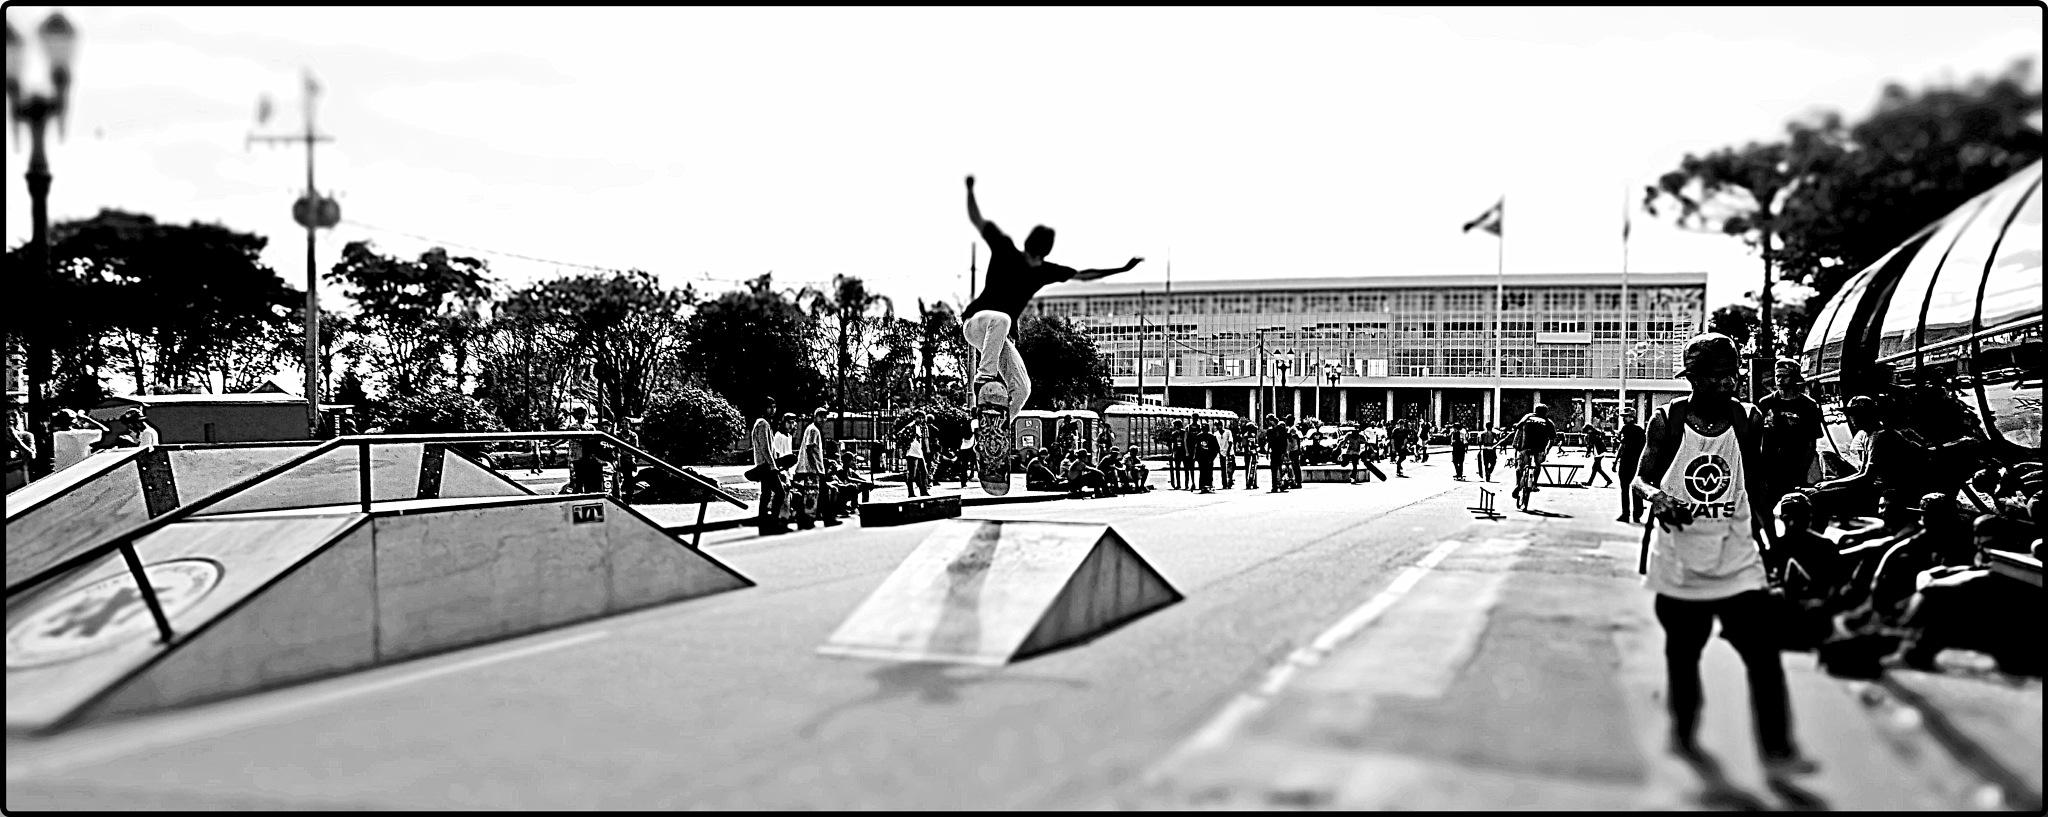 Skate by Emerson Mazza